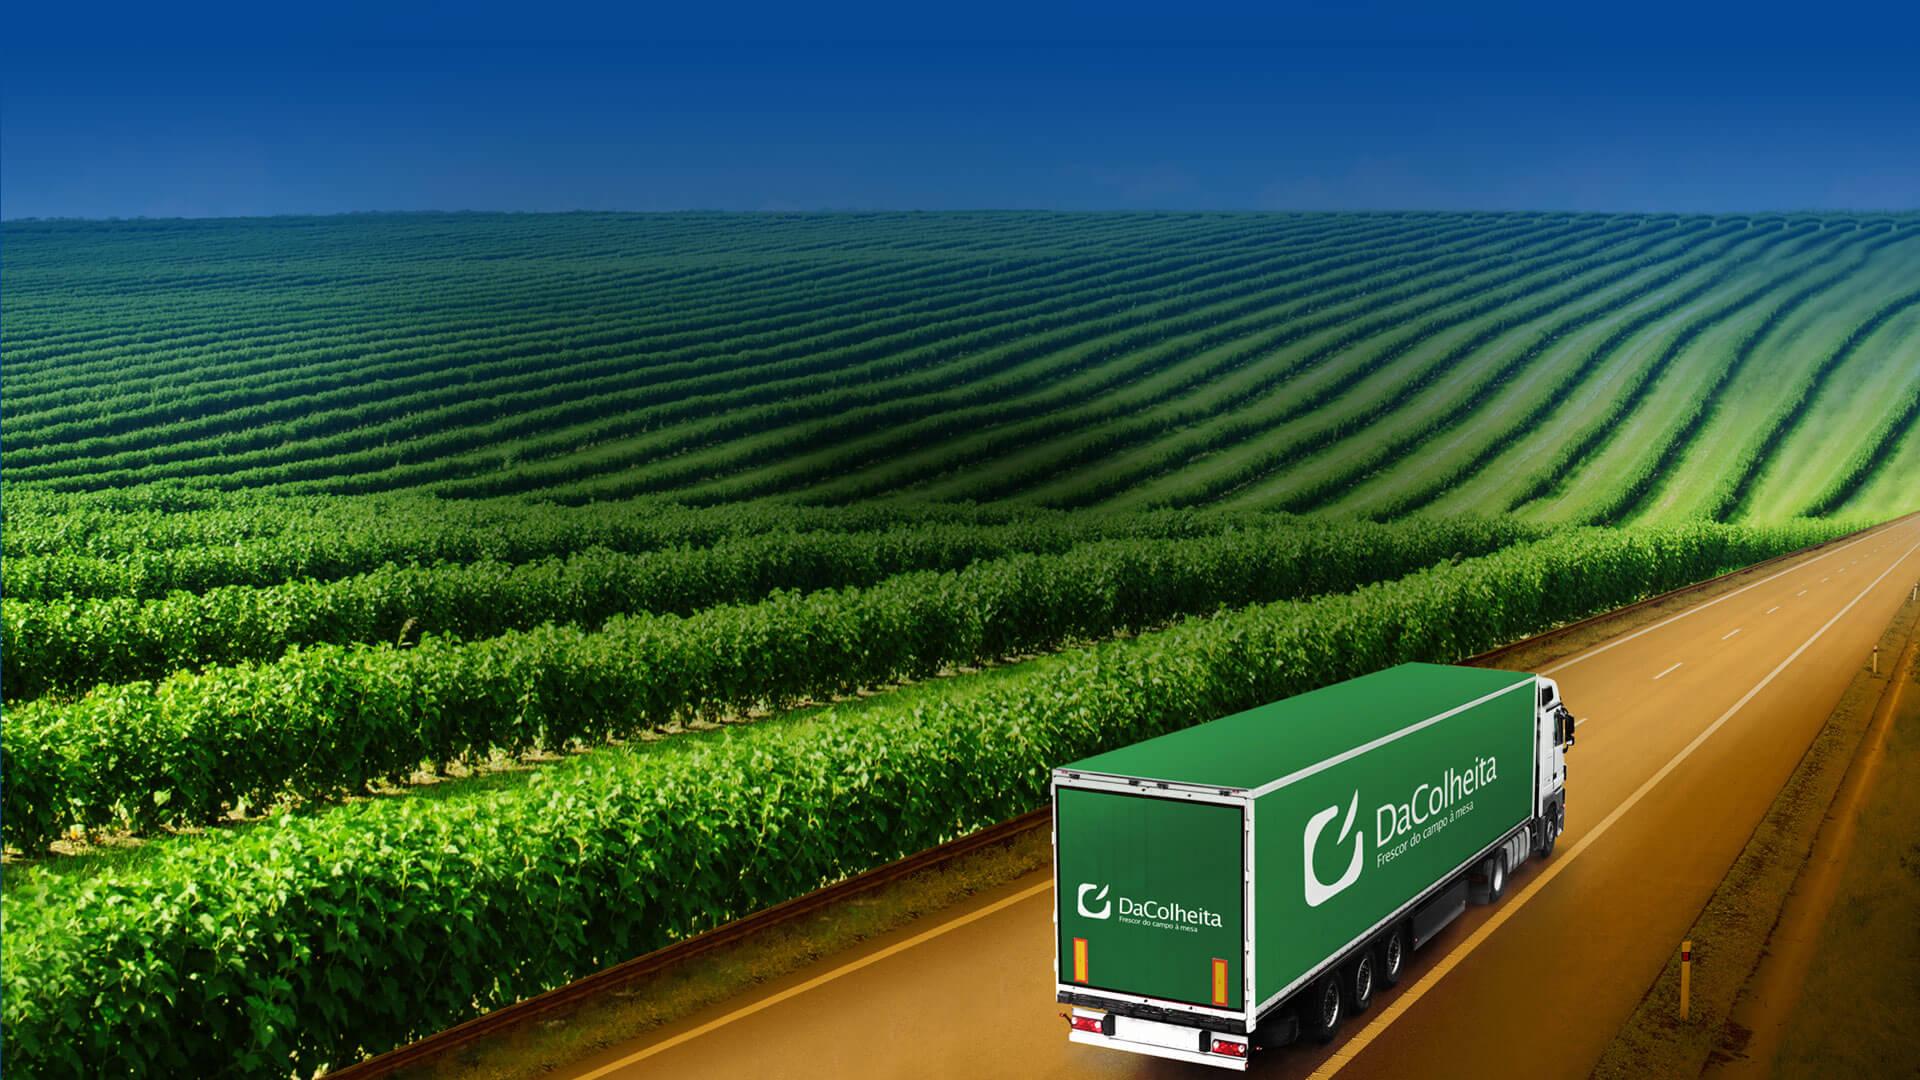 Termotécnica - Soluções para o Agronégocio